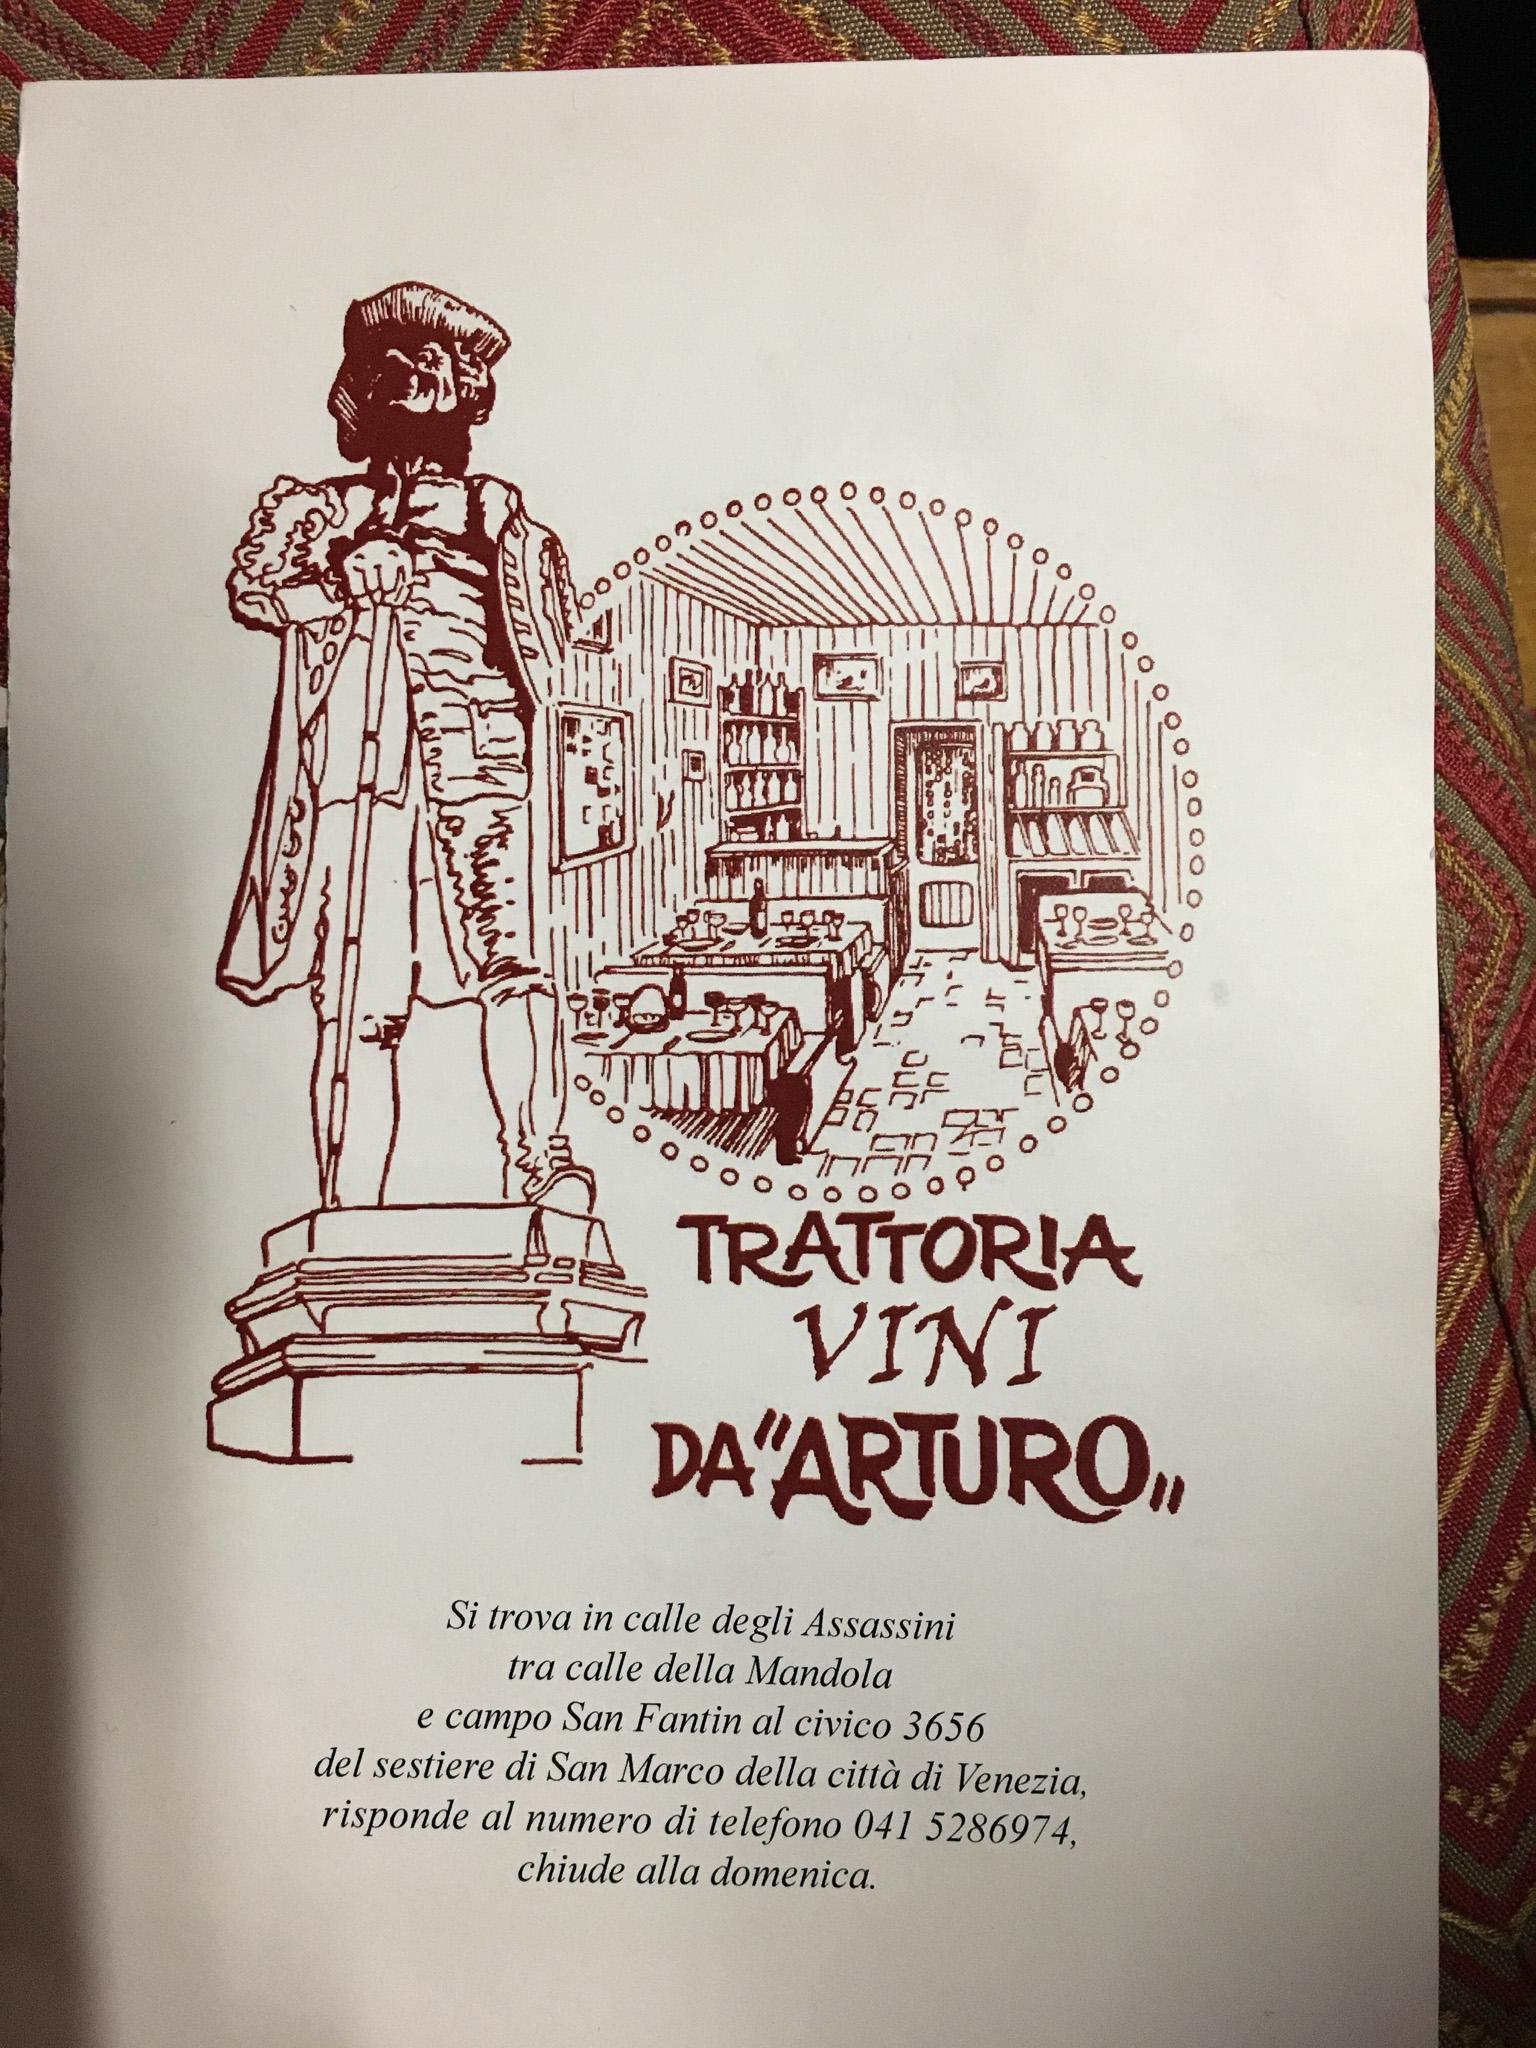 Venice: Vini da Arturo